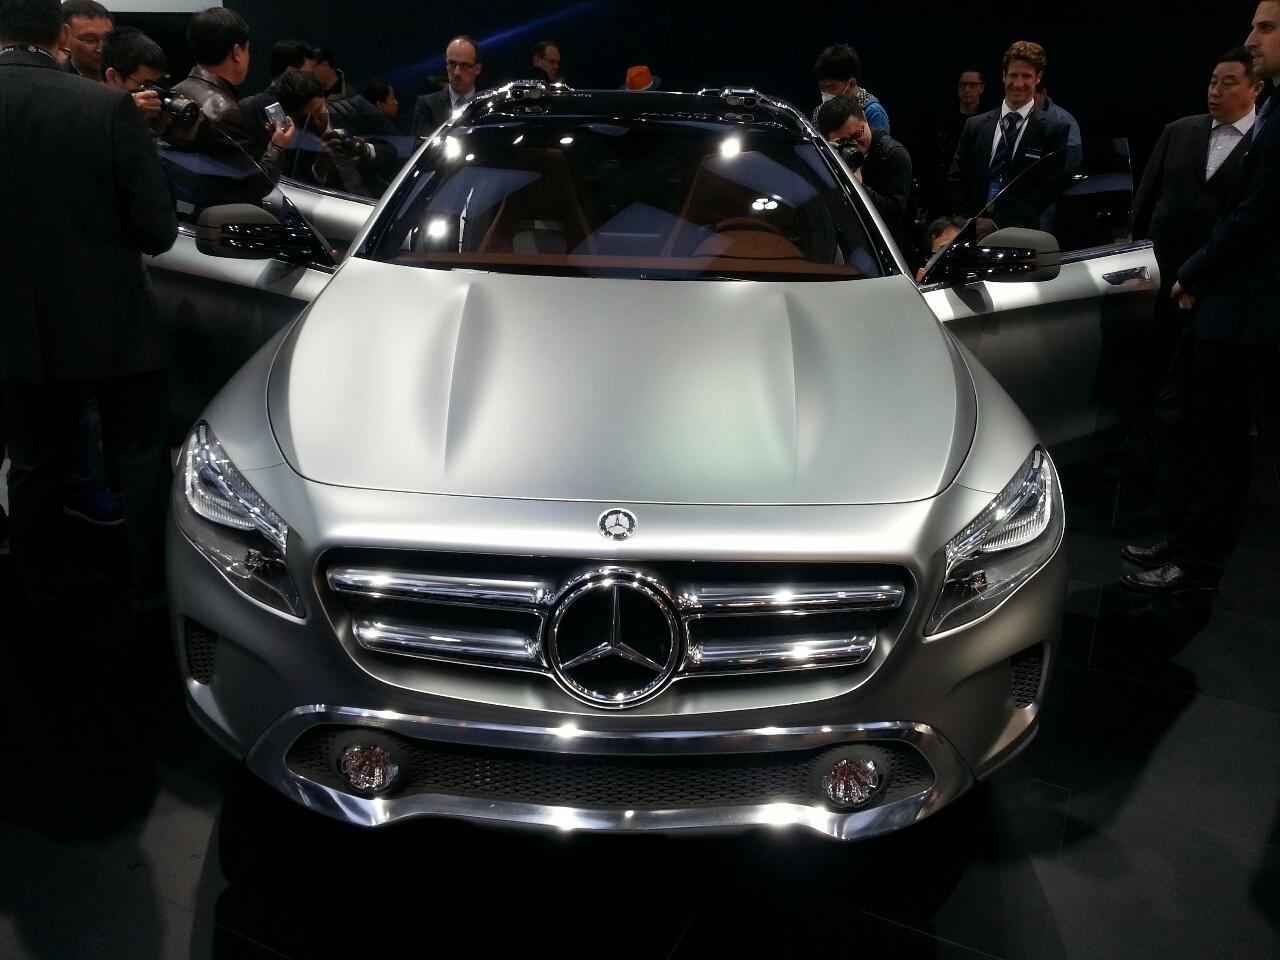 47807 скачать обои Транспорт, Машины, Мерседес (Mercedes) - заставки и картинки бесплатно